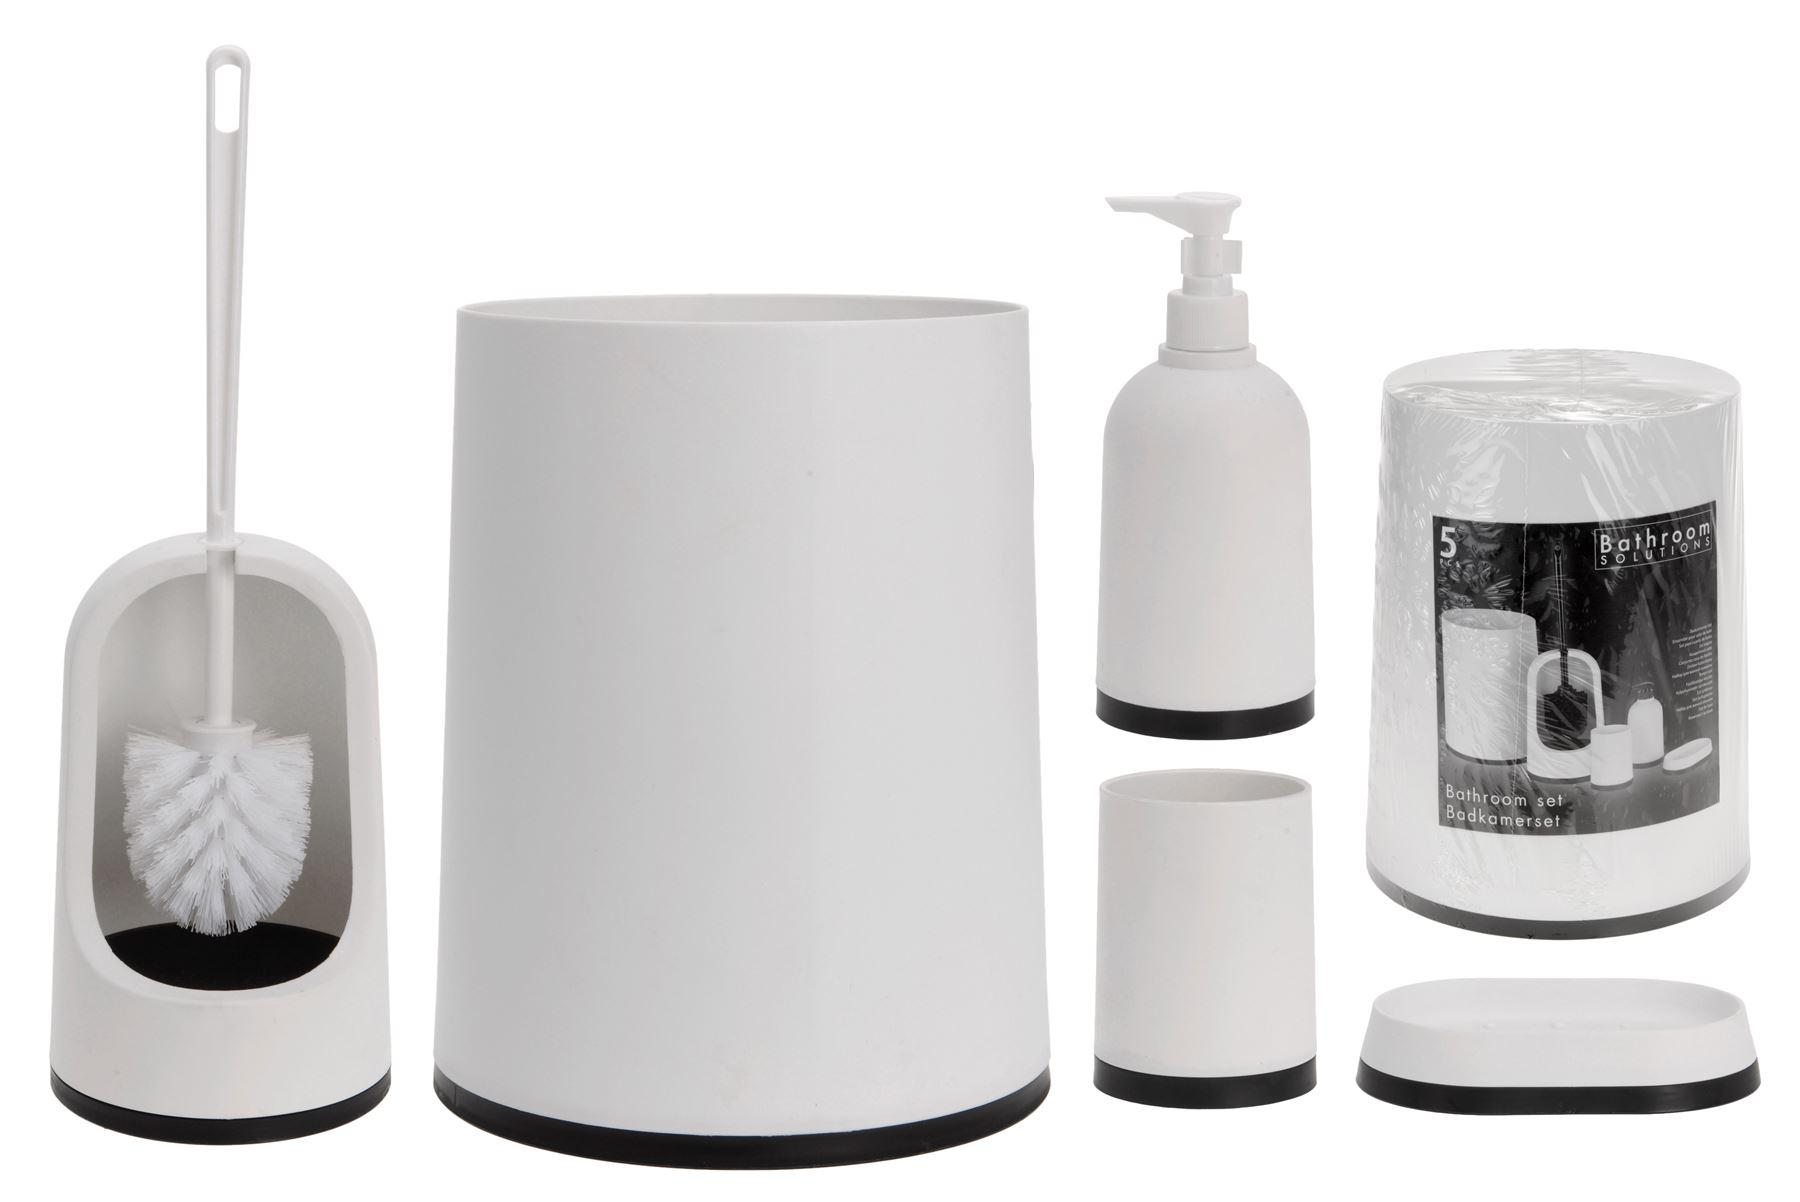 Bathroom Solution Set Bin Toilet Brush Holder Soap Dispenser Dish